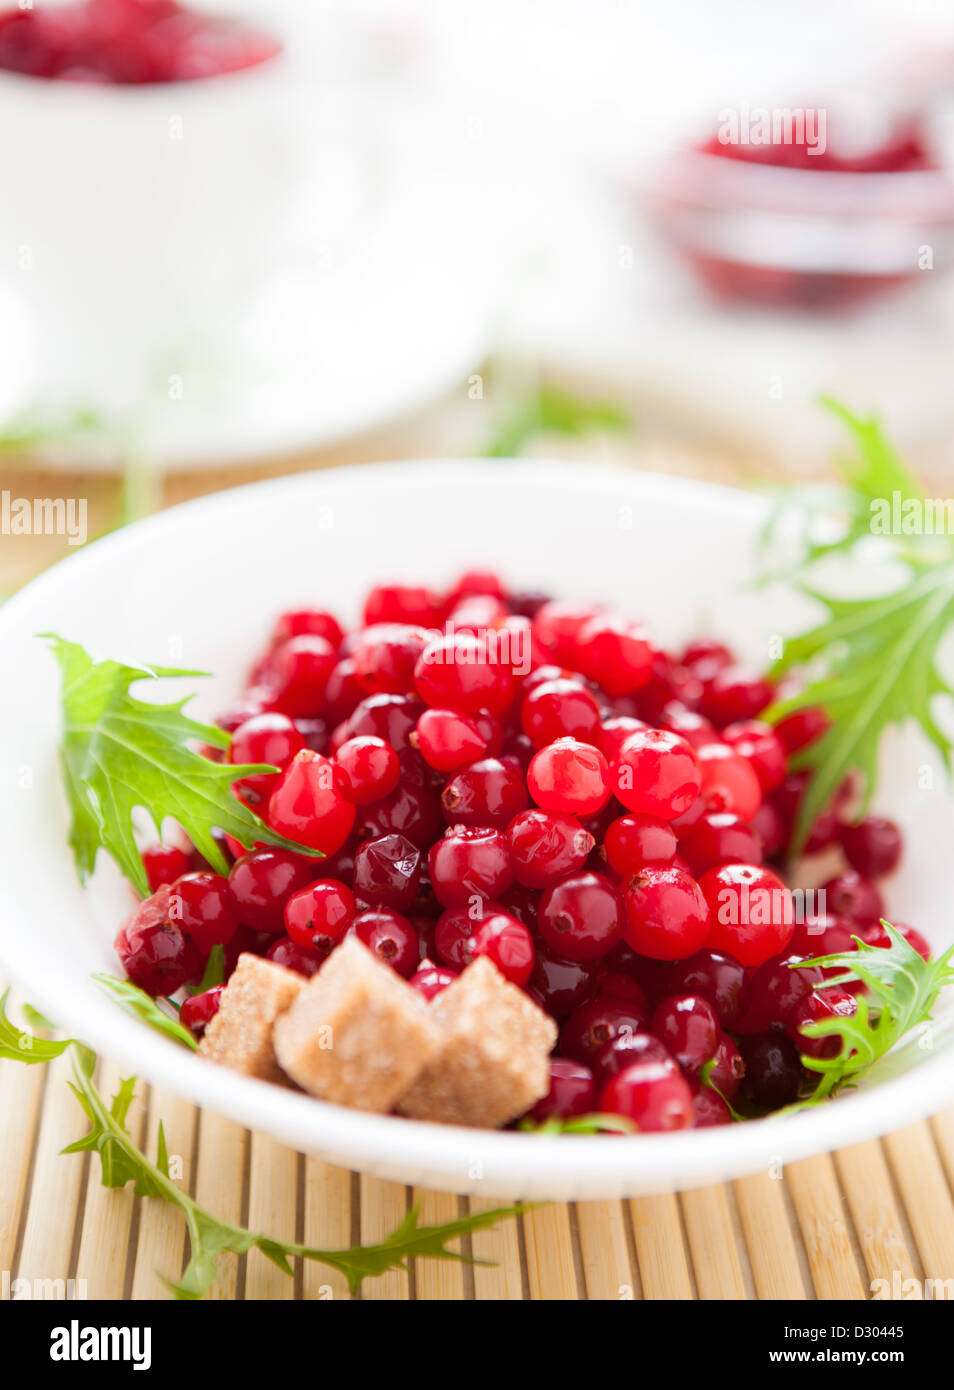 Los arándanos con la caña de azúcar en un recipiente blanco, closeup Imagen De Stock